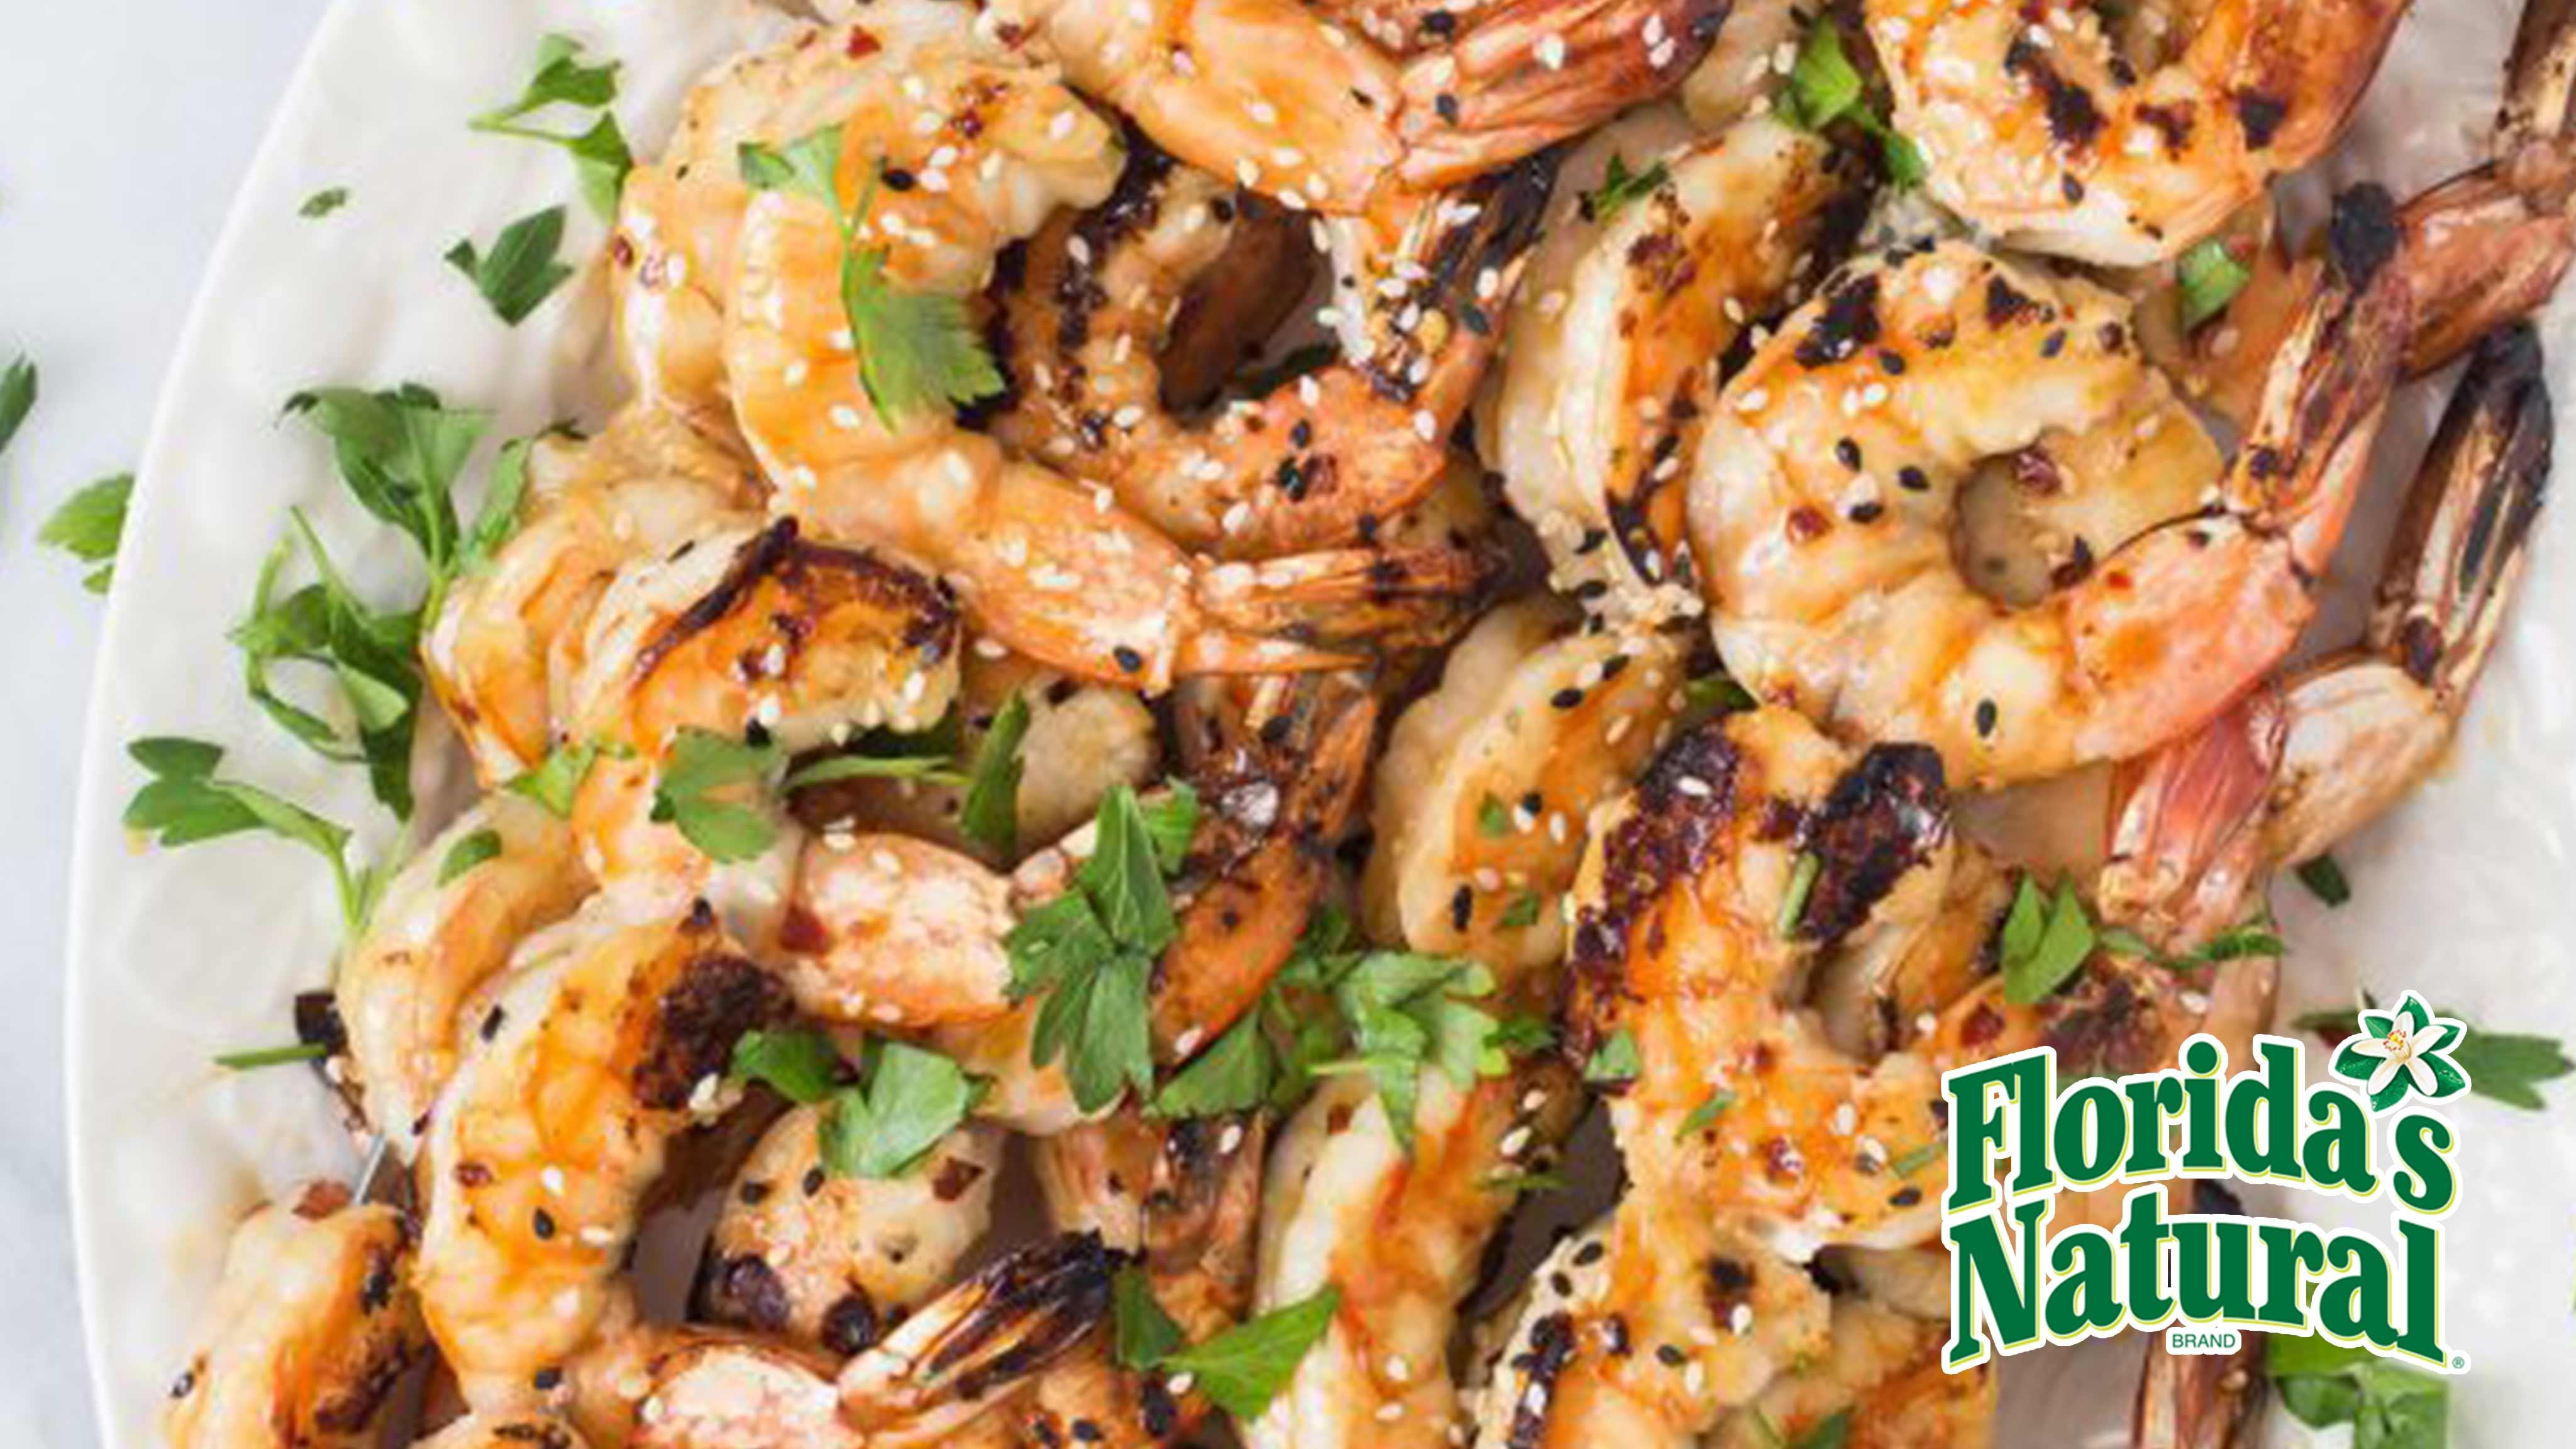 Image for Recipe Grilled Spicy Orange Shrimp